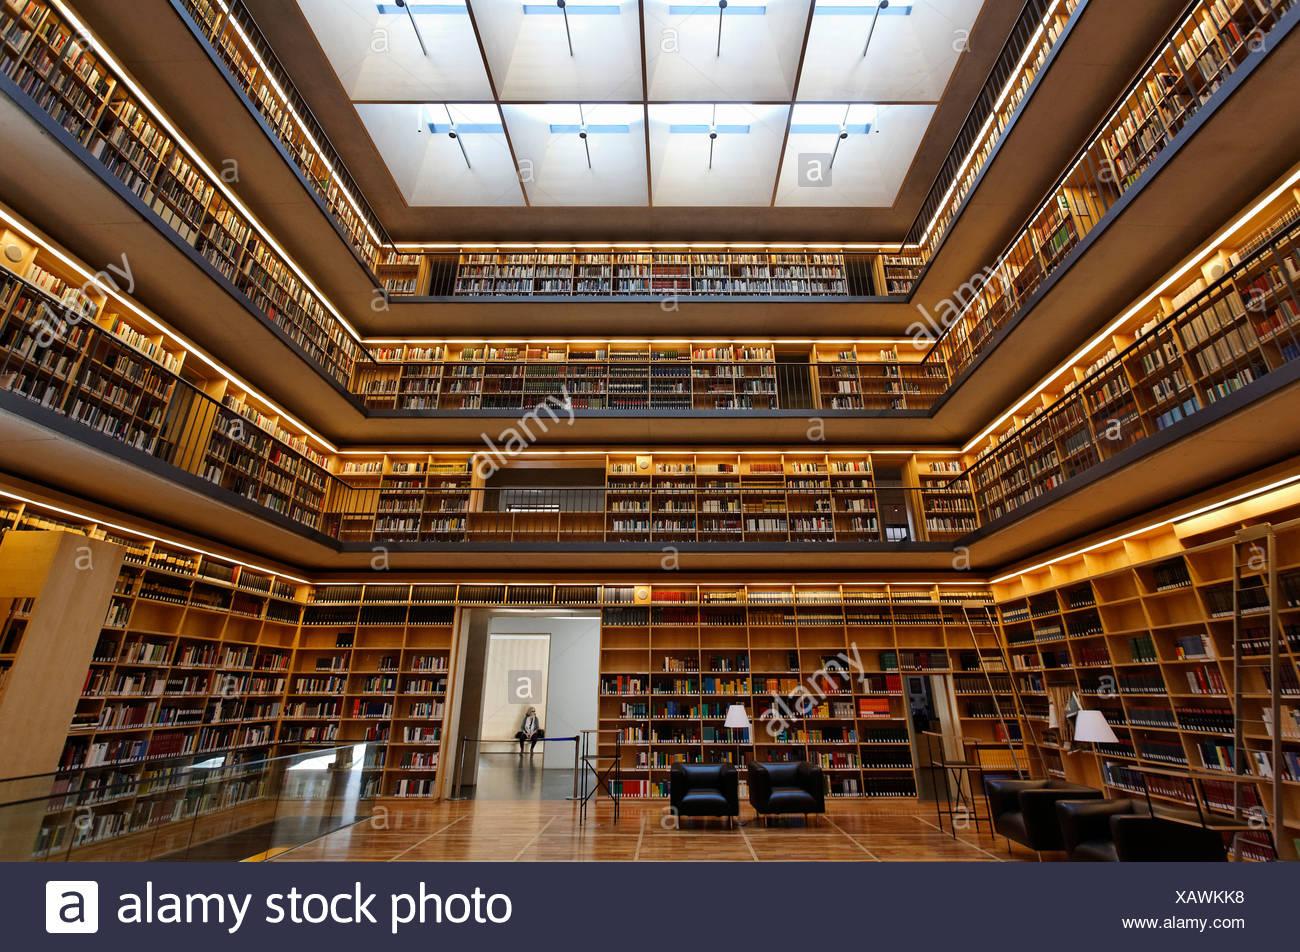 Des étagères dans le hall, Kubus study center de la bibliothèque de la Duchesse Anna Amalia à Weimar, Thuringe, Allemagne, Europe Photo Stock